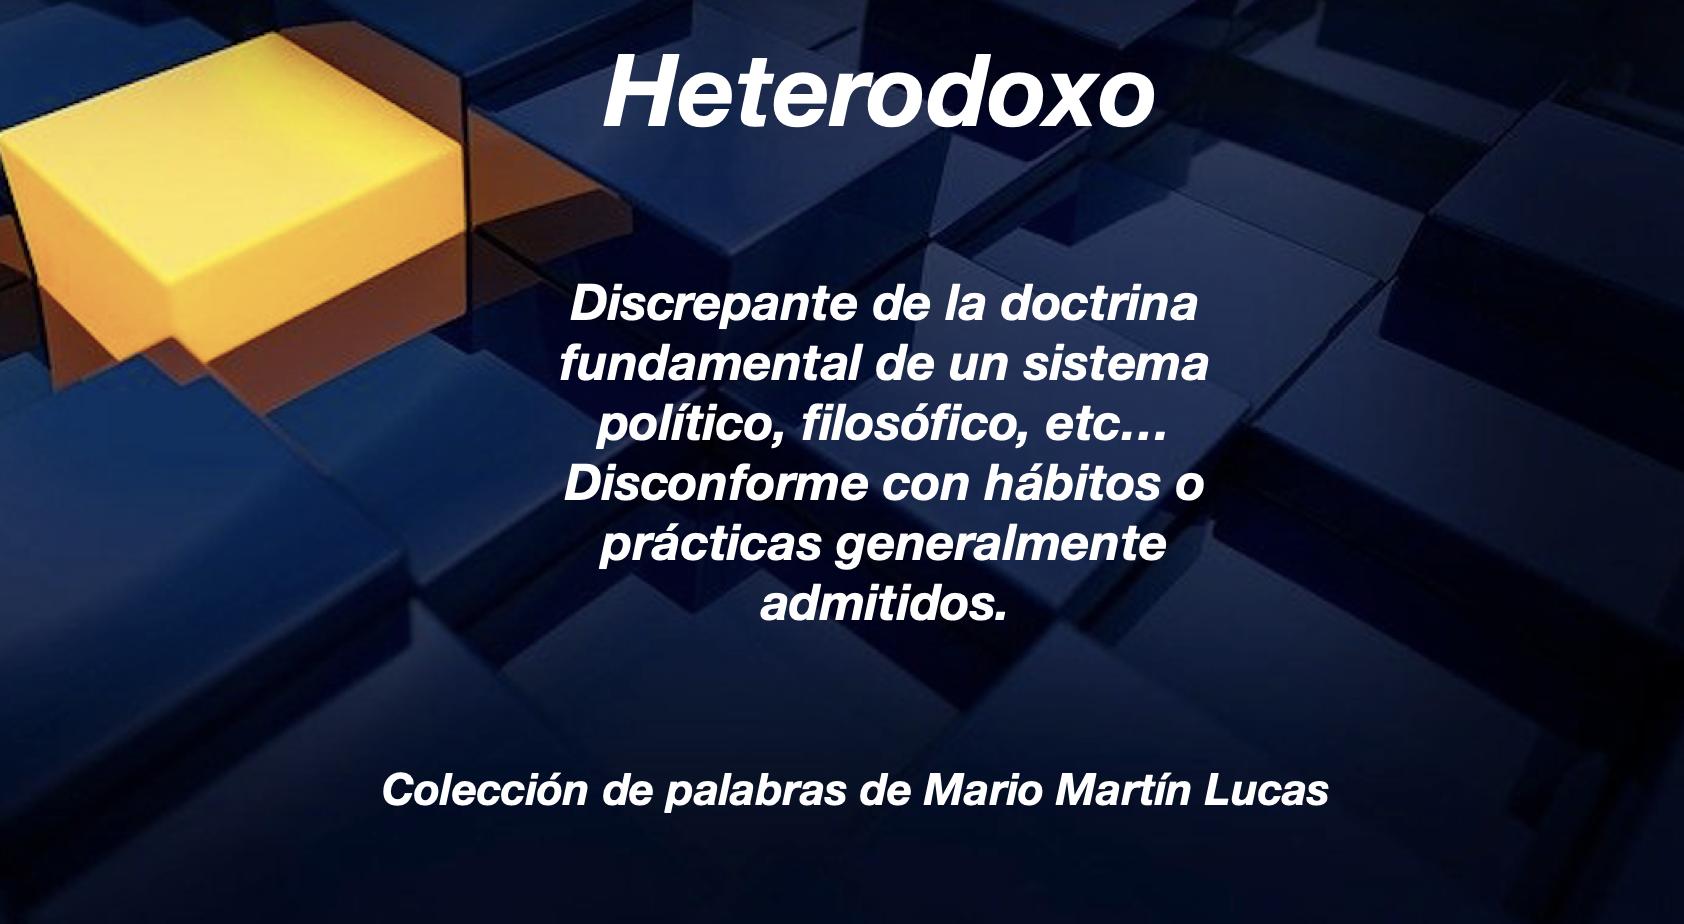 Heterodoxo